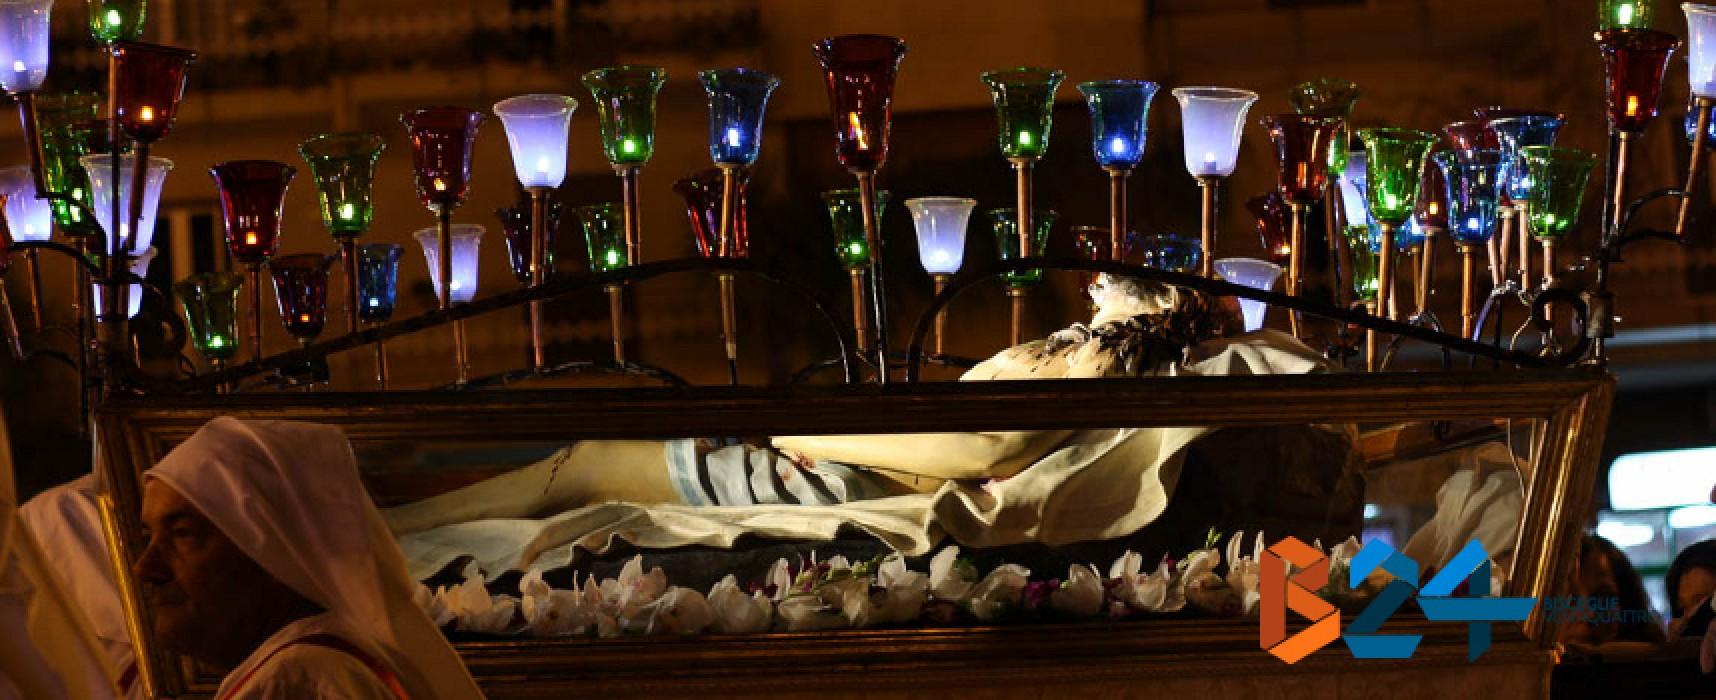 Devozione e preghiera, PHOTOGALLERY della processione dei Santi Misteri